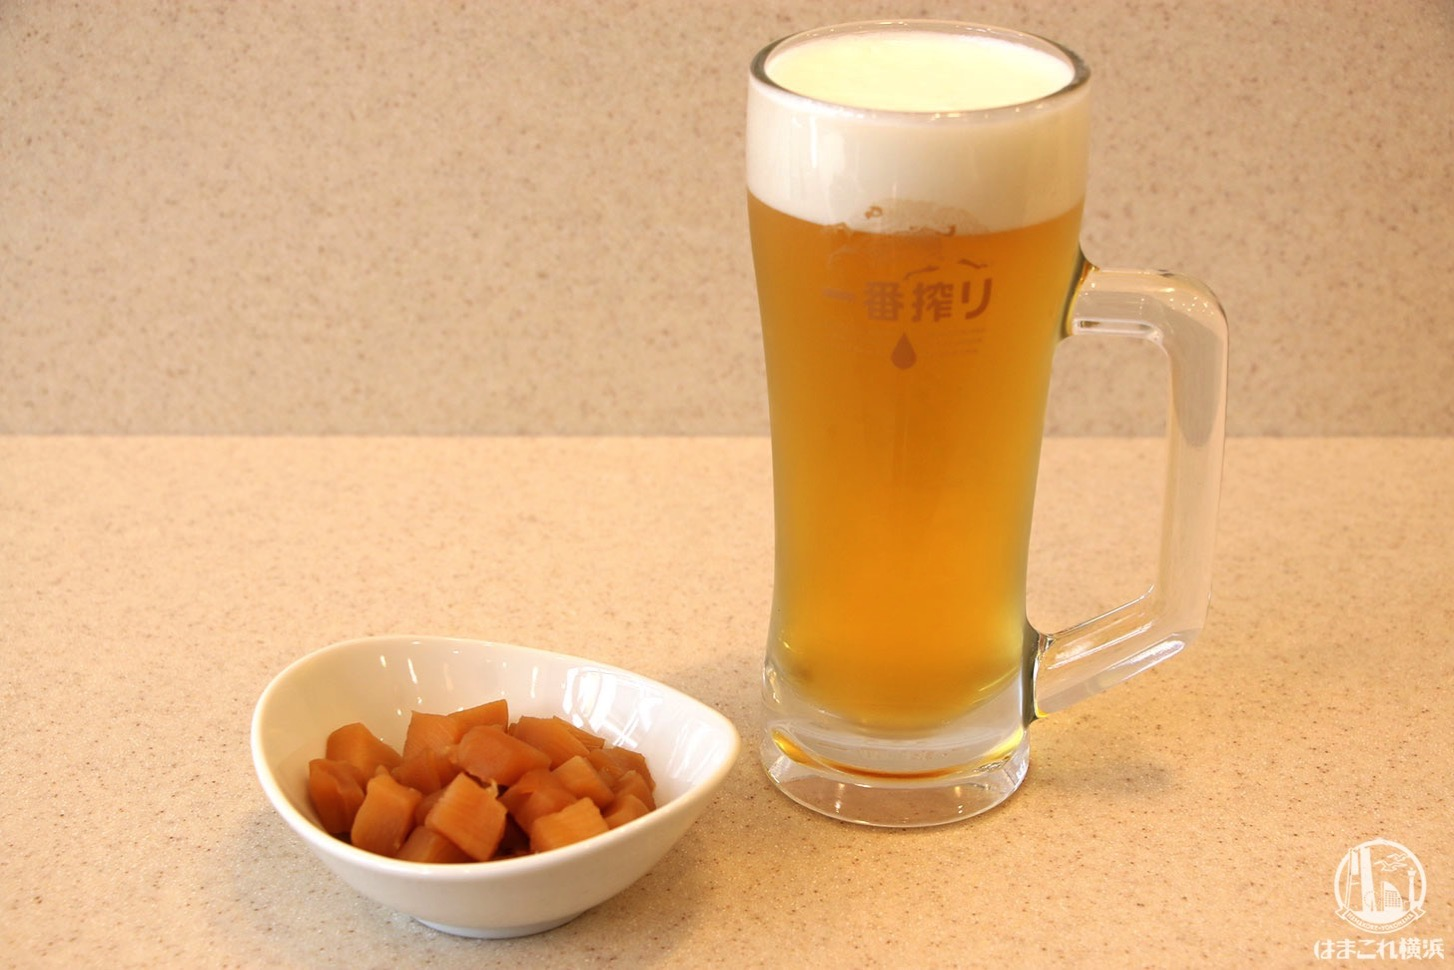 筍煮とビール